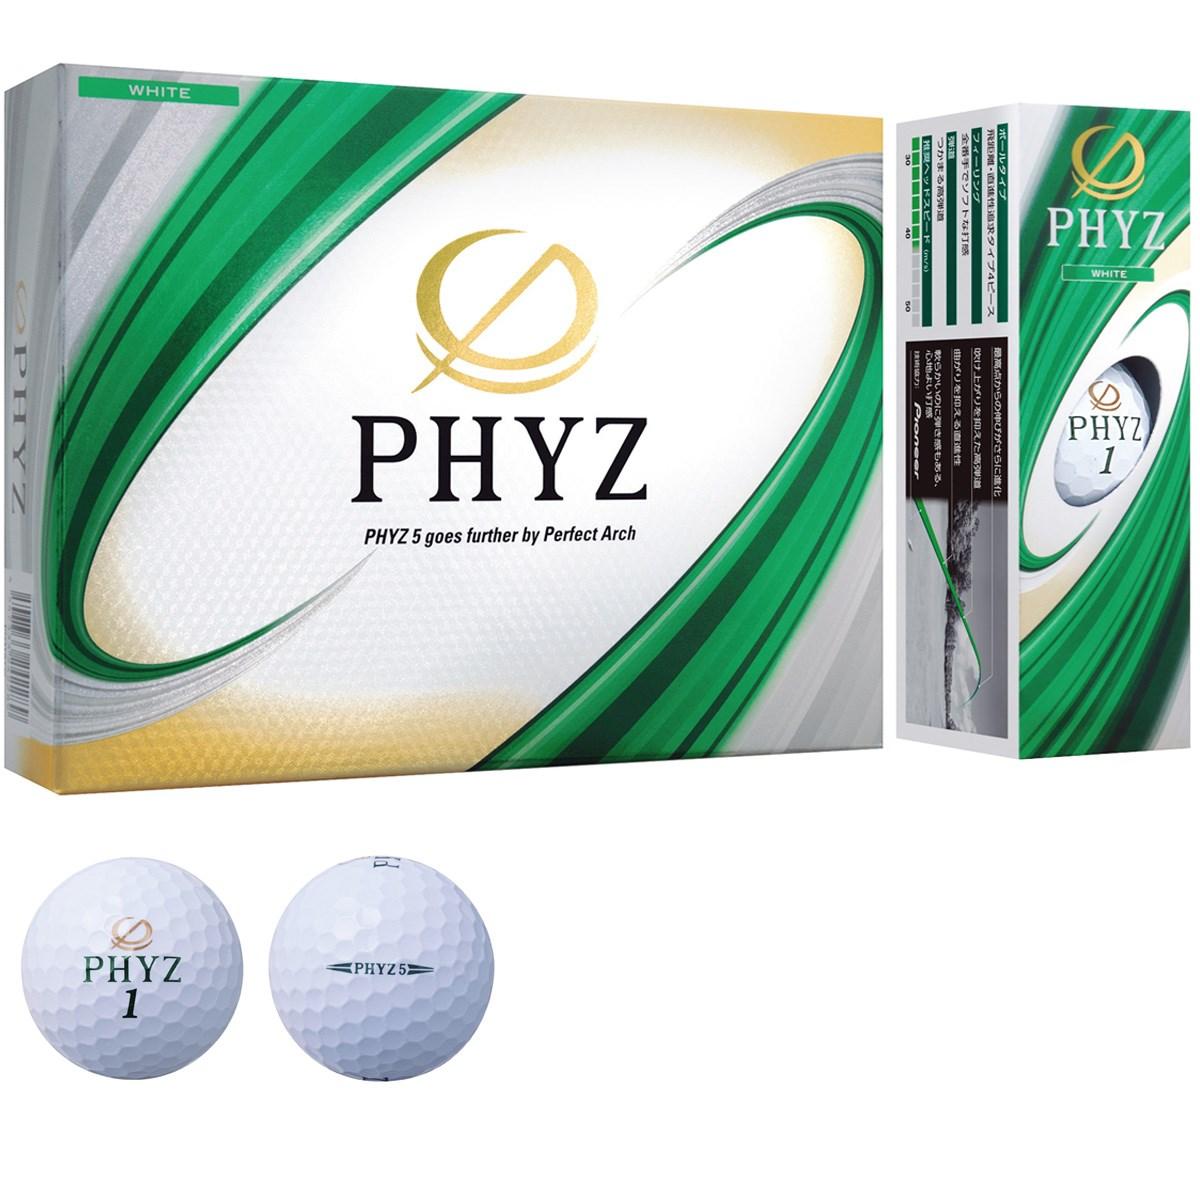 ブリヂストン PHYZ PHYZ ボール 1ダース(12個入り) ホワイト